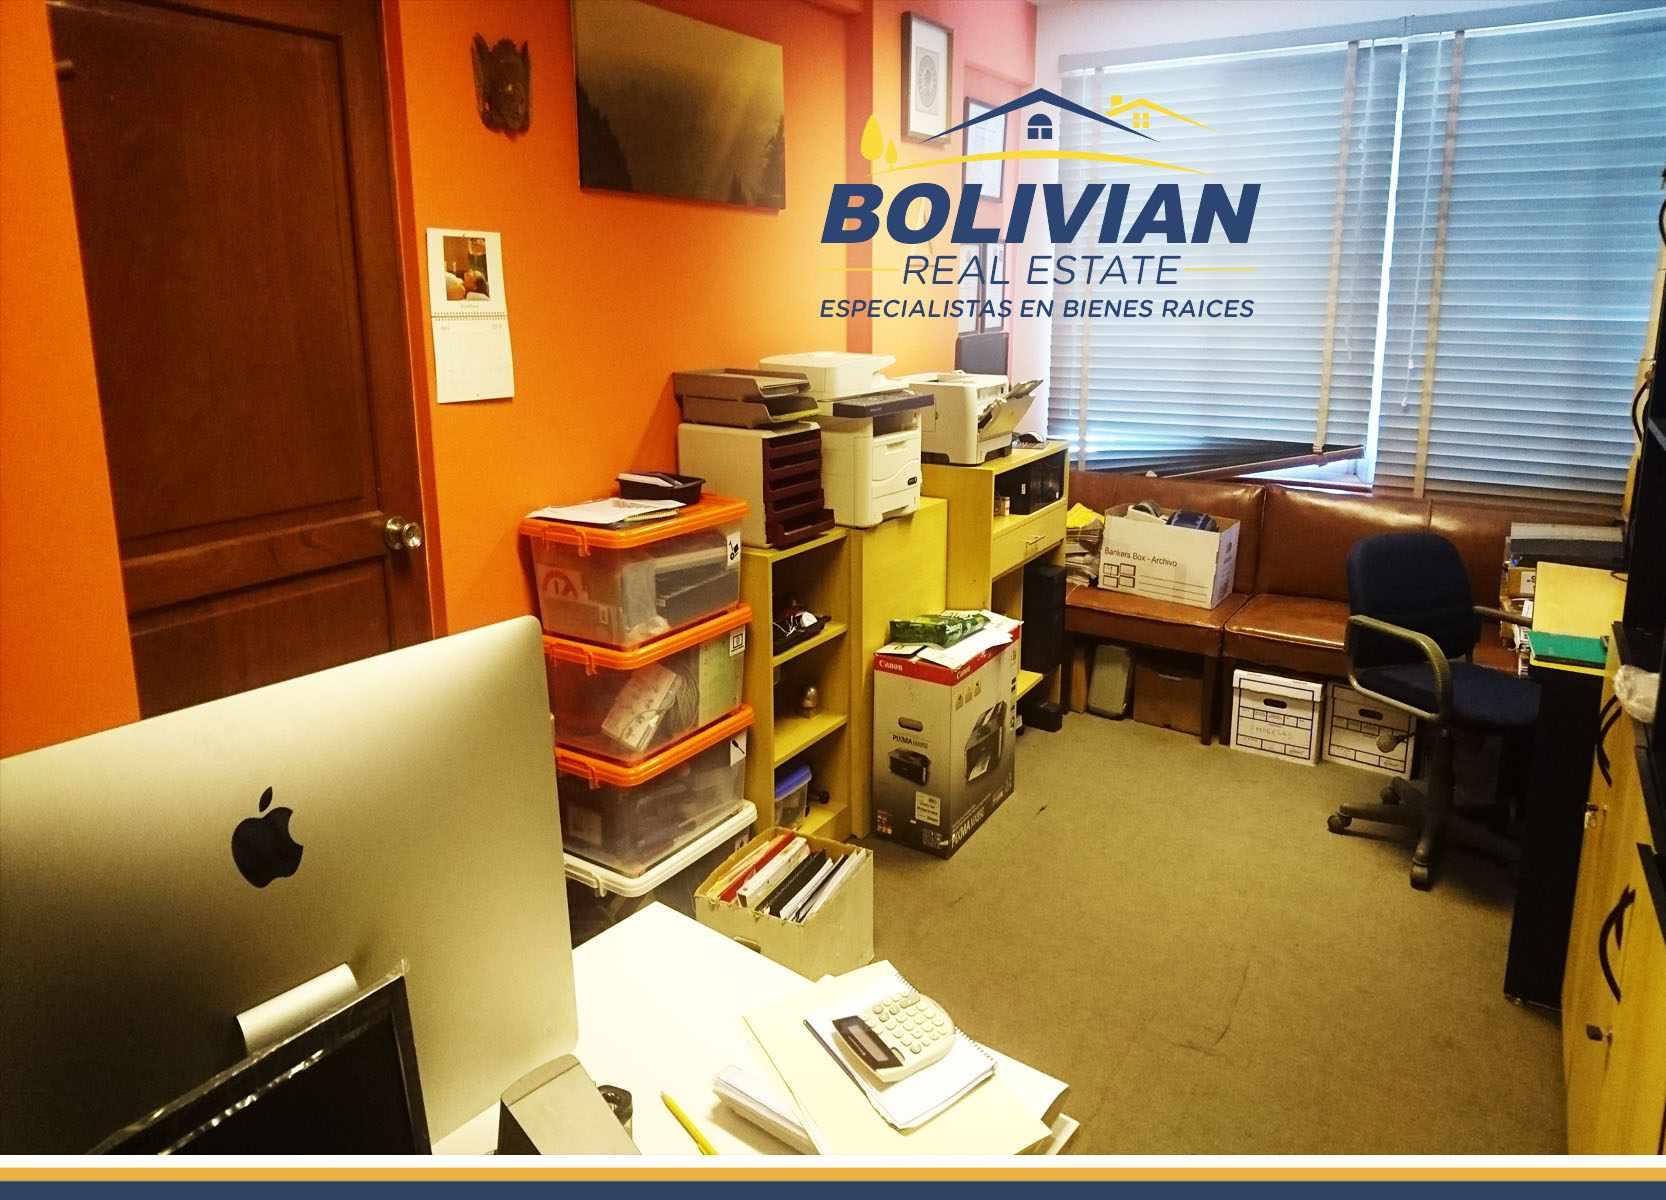 Oficina en Venta SOPOCACHI AV. ARCE, OFICINA EN VENTA  Foto 3